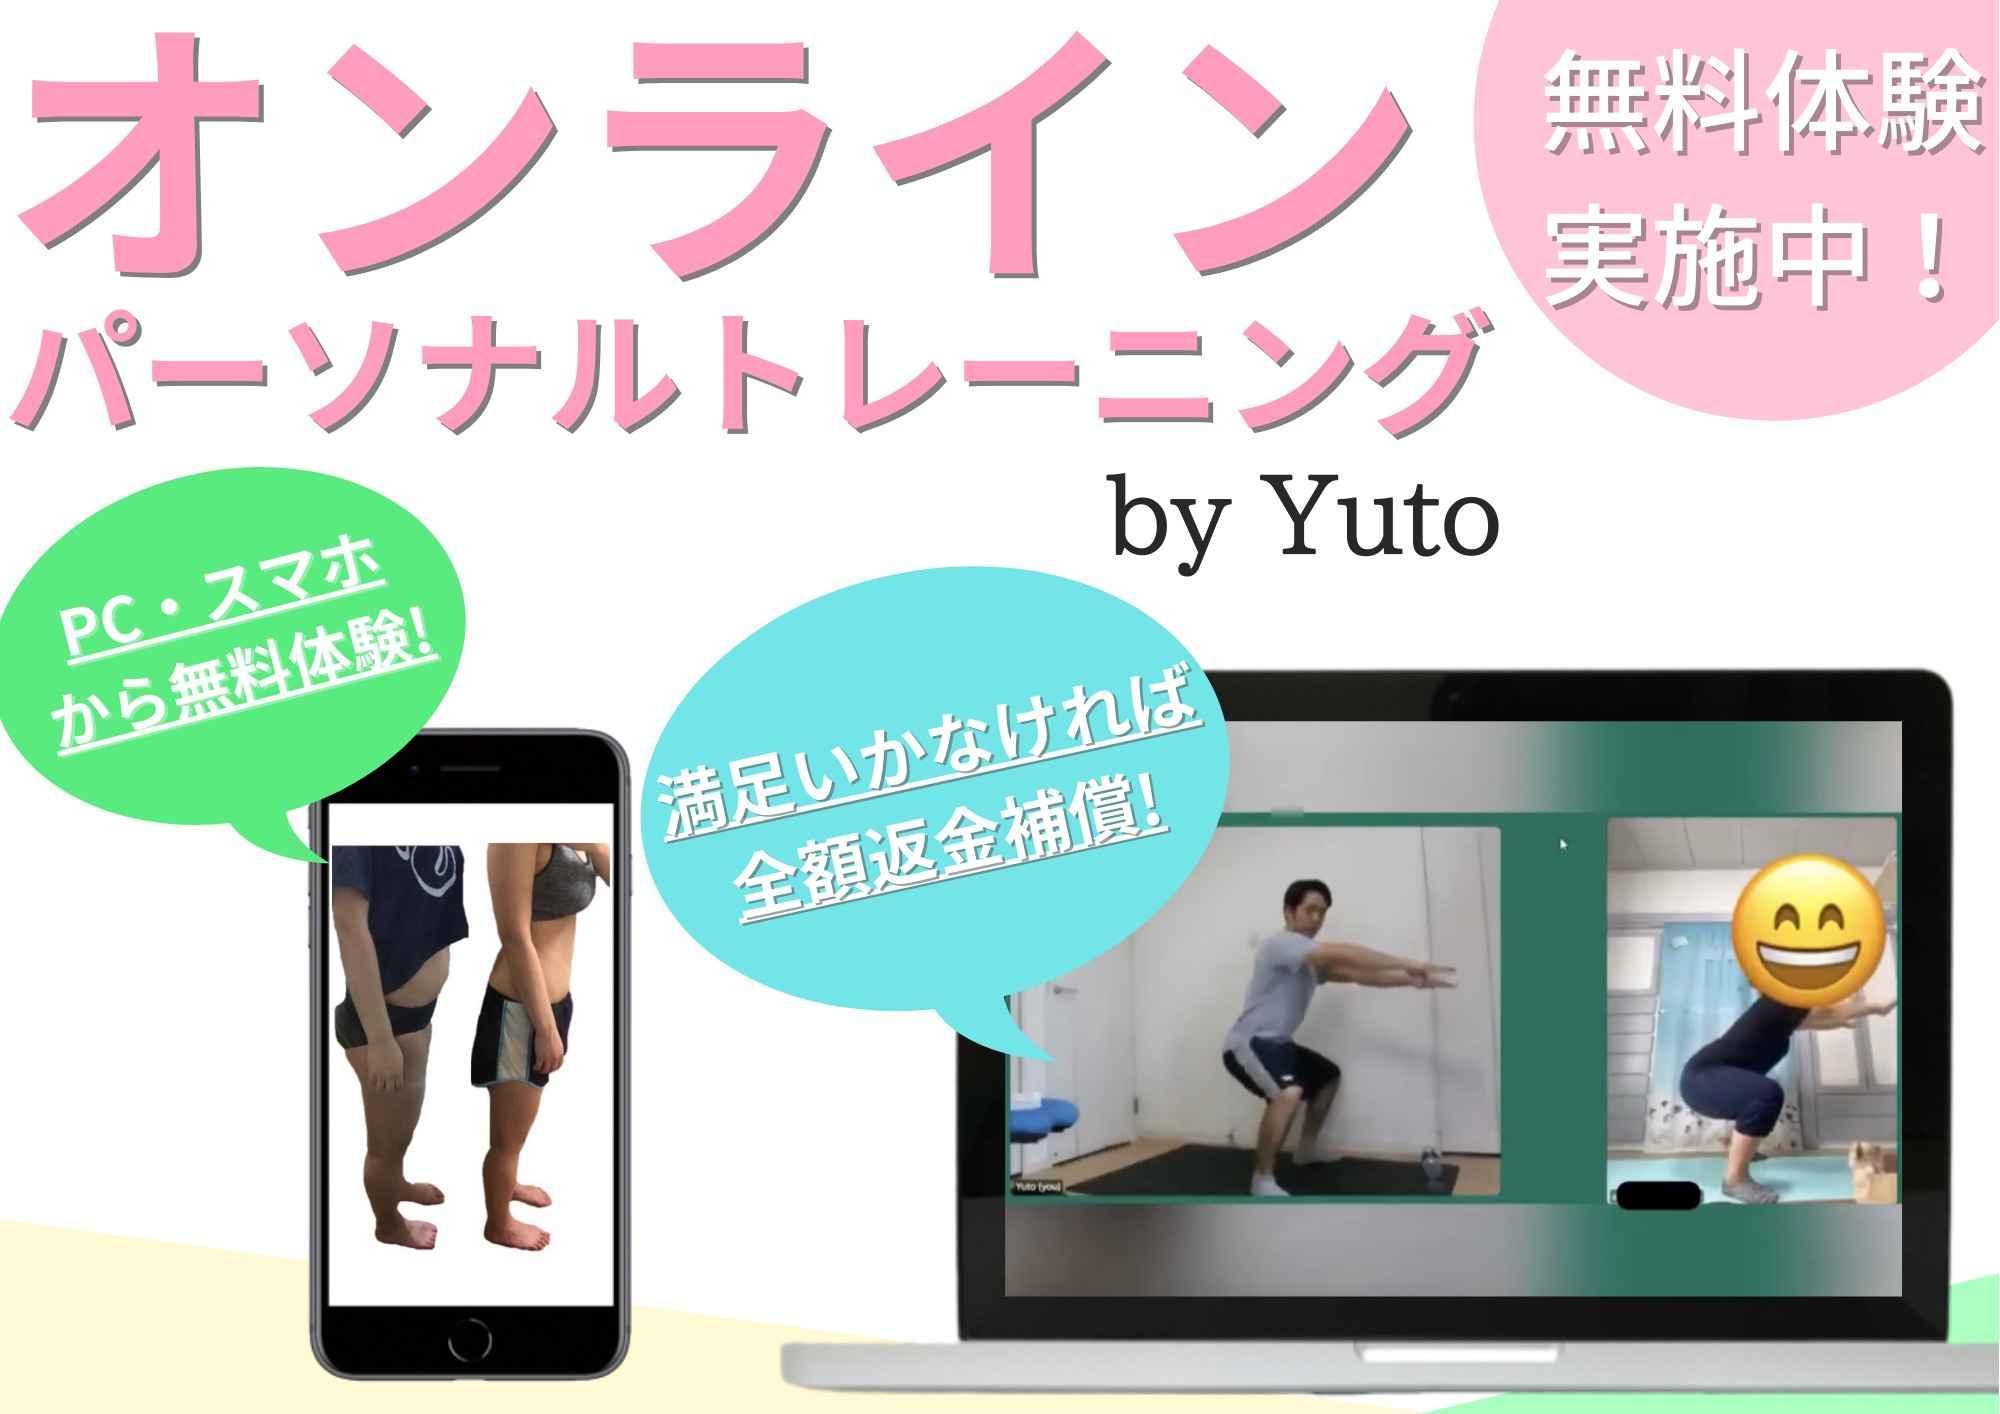 【リバウンド知らず】オンライン&パーソナルトレーニング